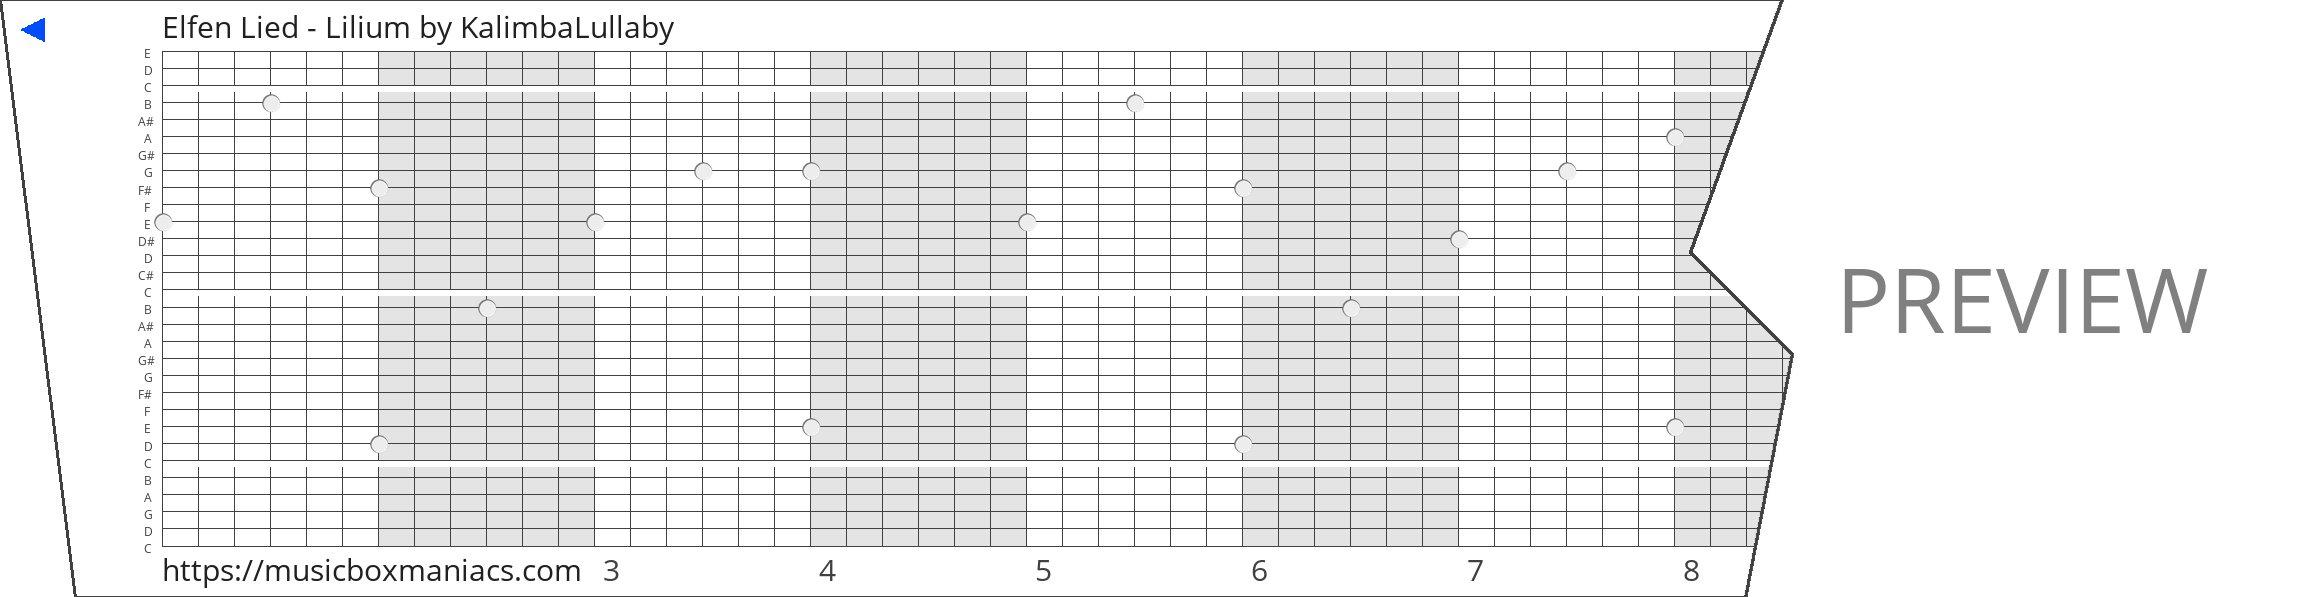 Elfen Lied - Lilium 30 note music box paper strip